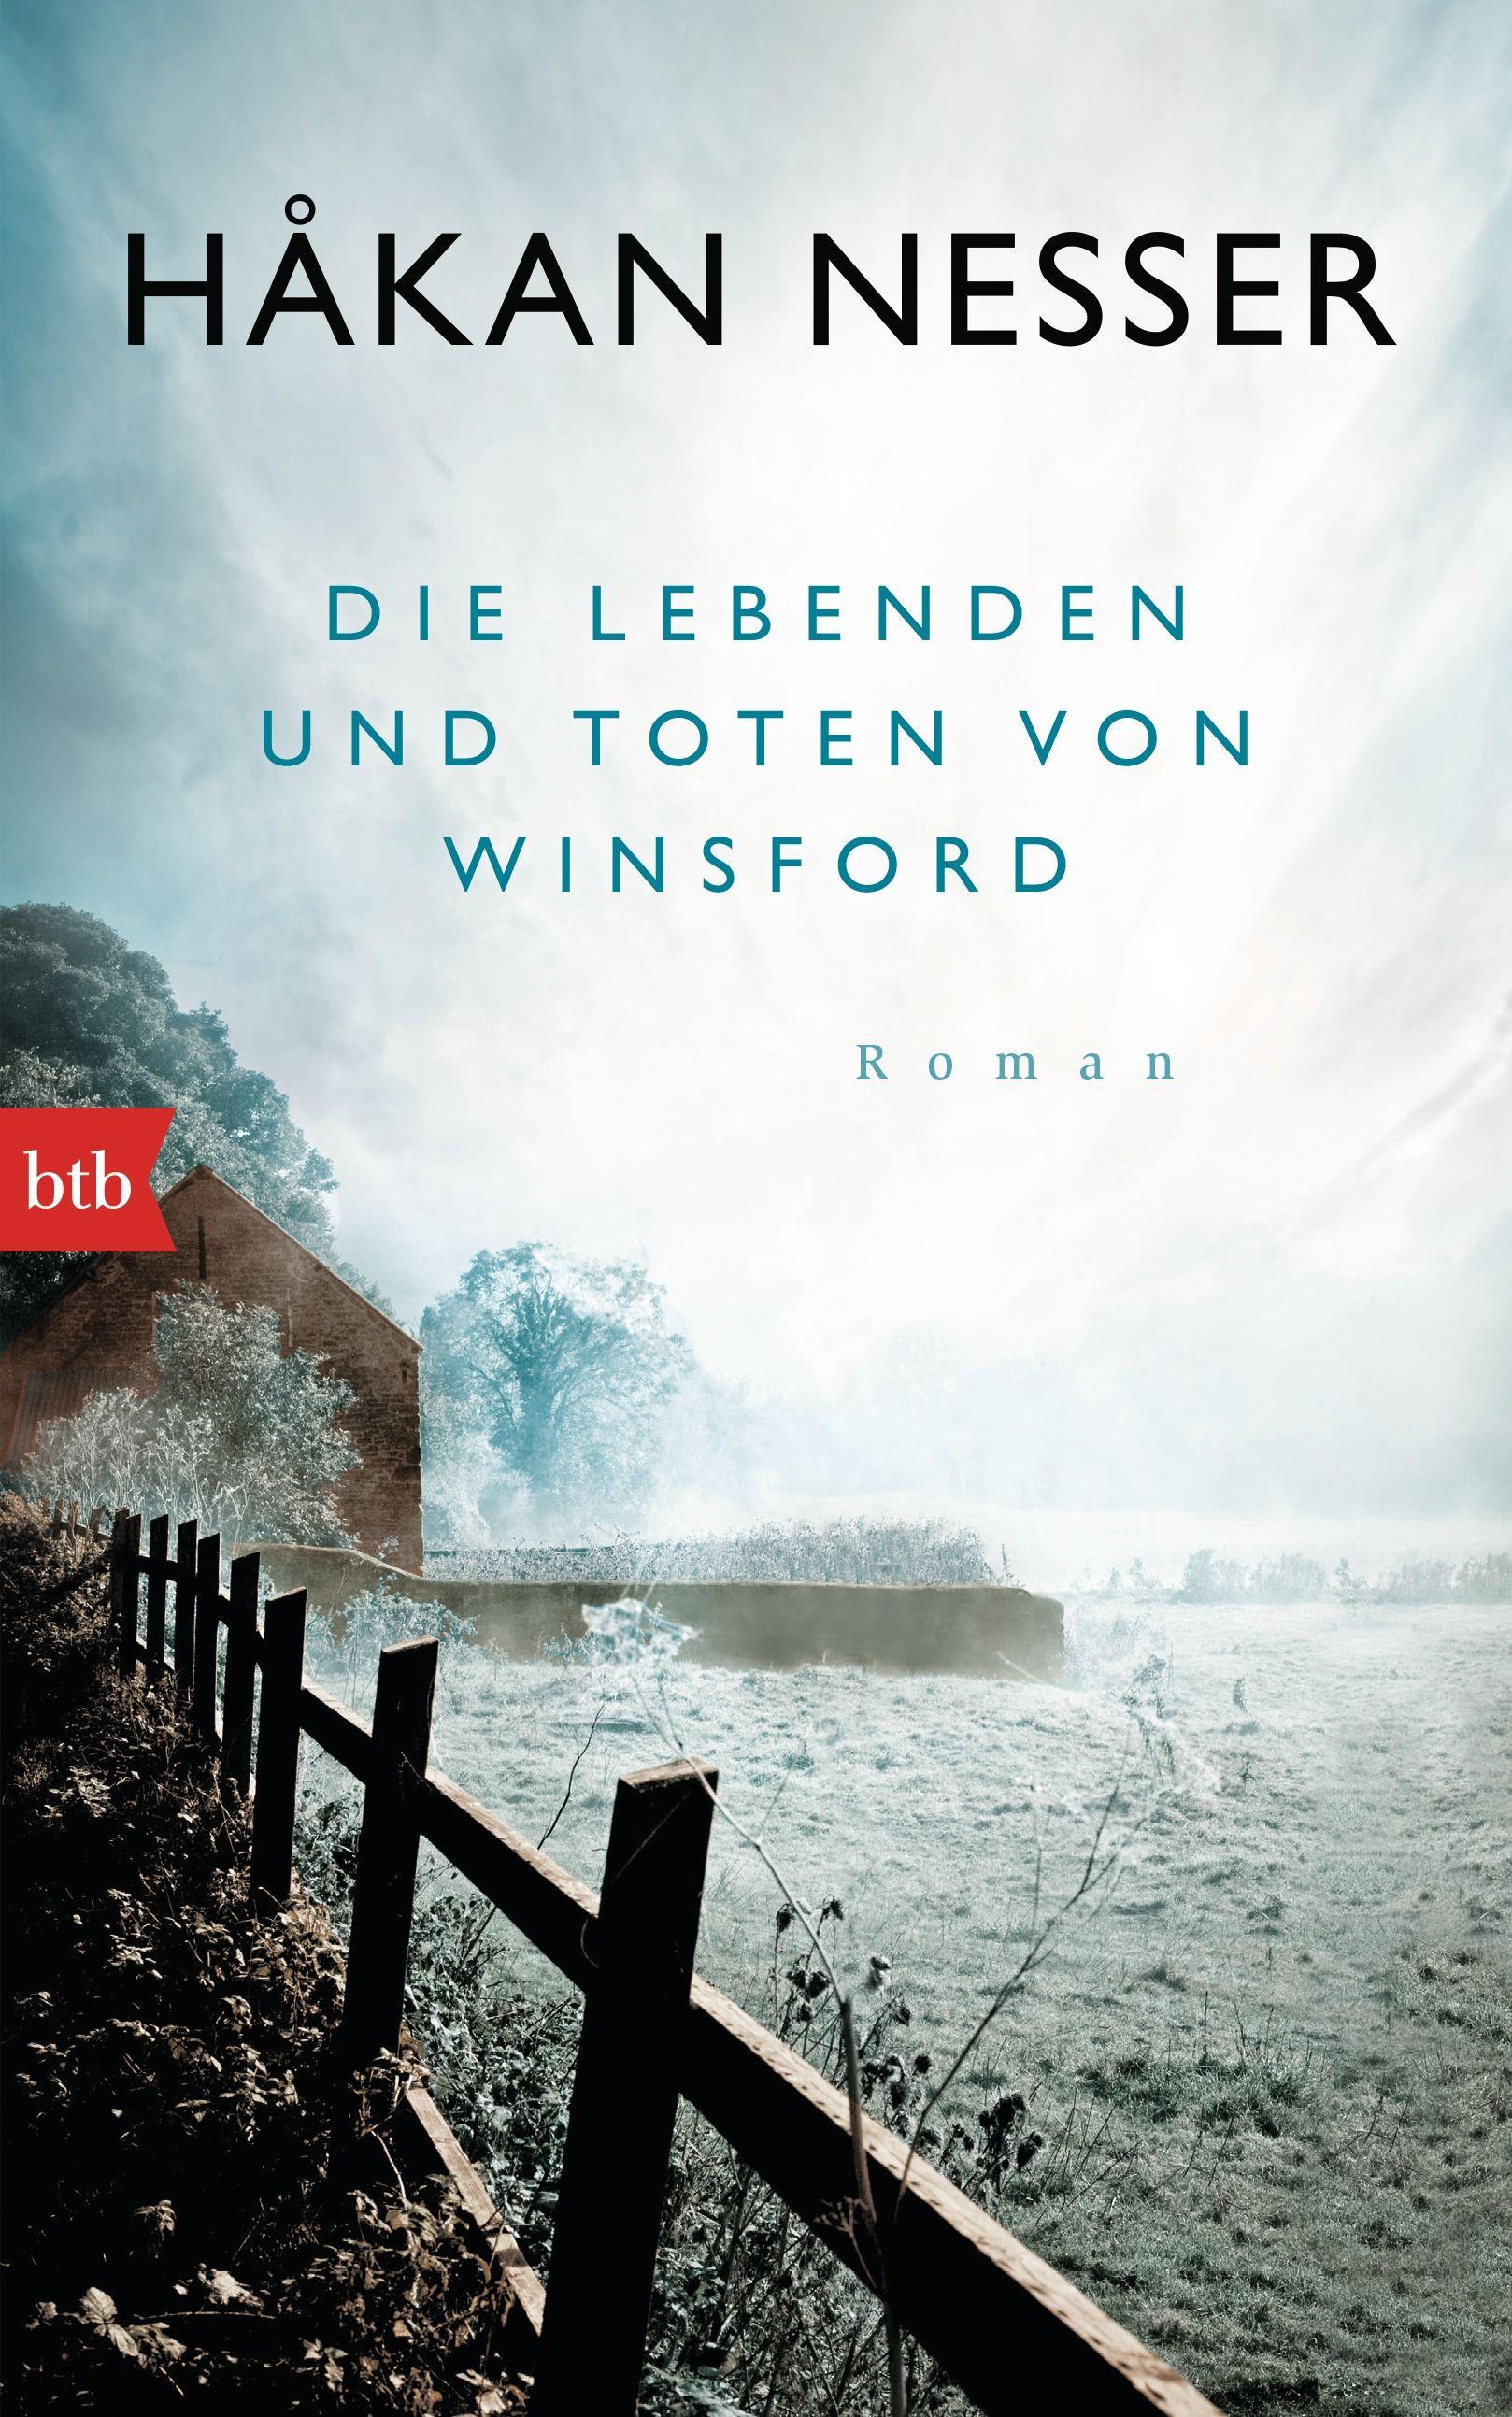 Die Lebenden Und Toten Von Winsford Von Hakan Nesser Books Bucher Lesen Bucher Und Lesen